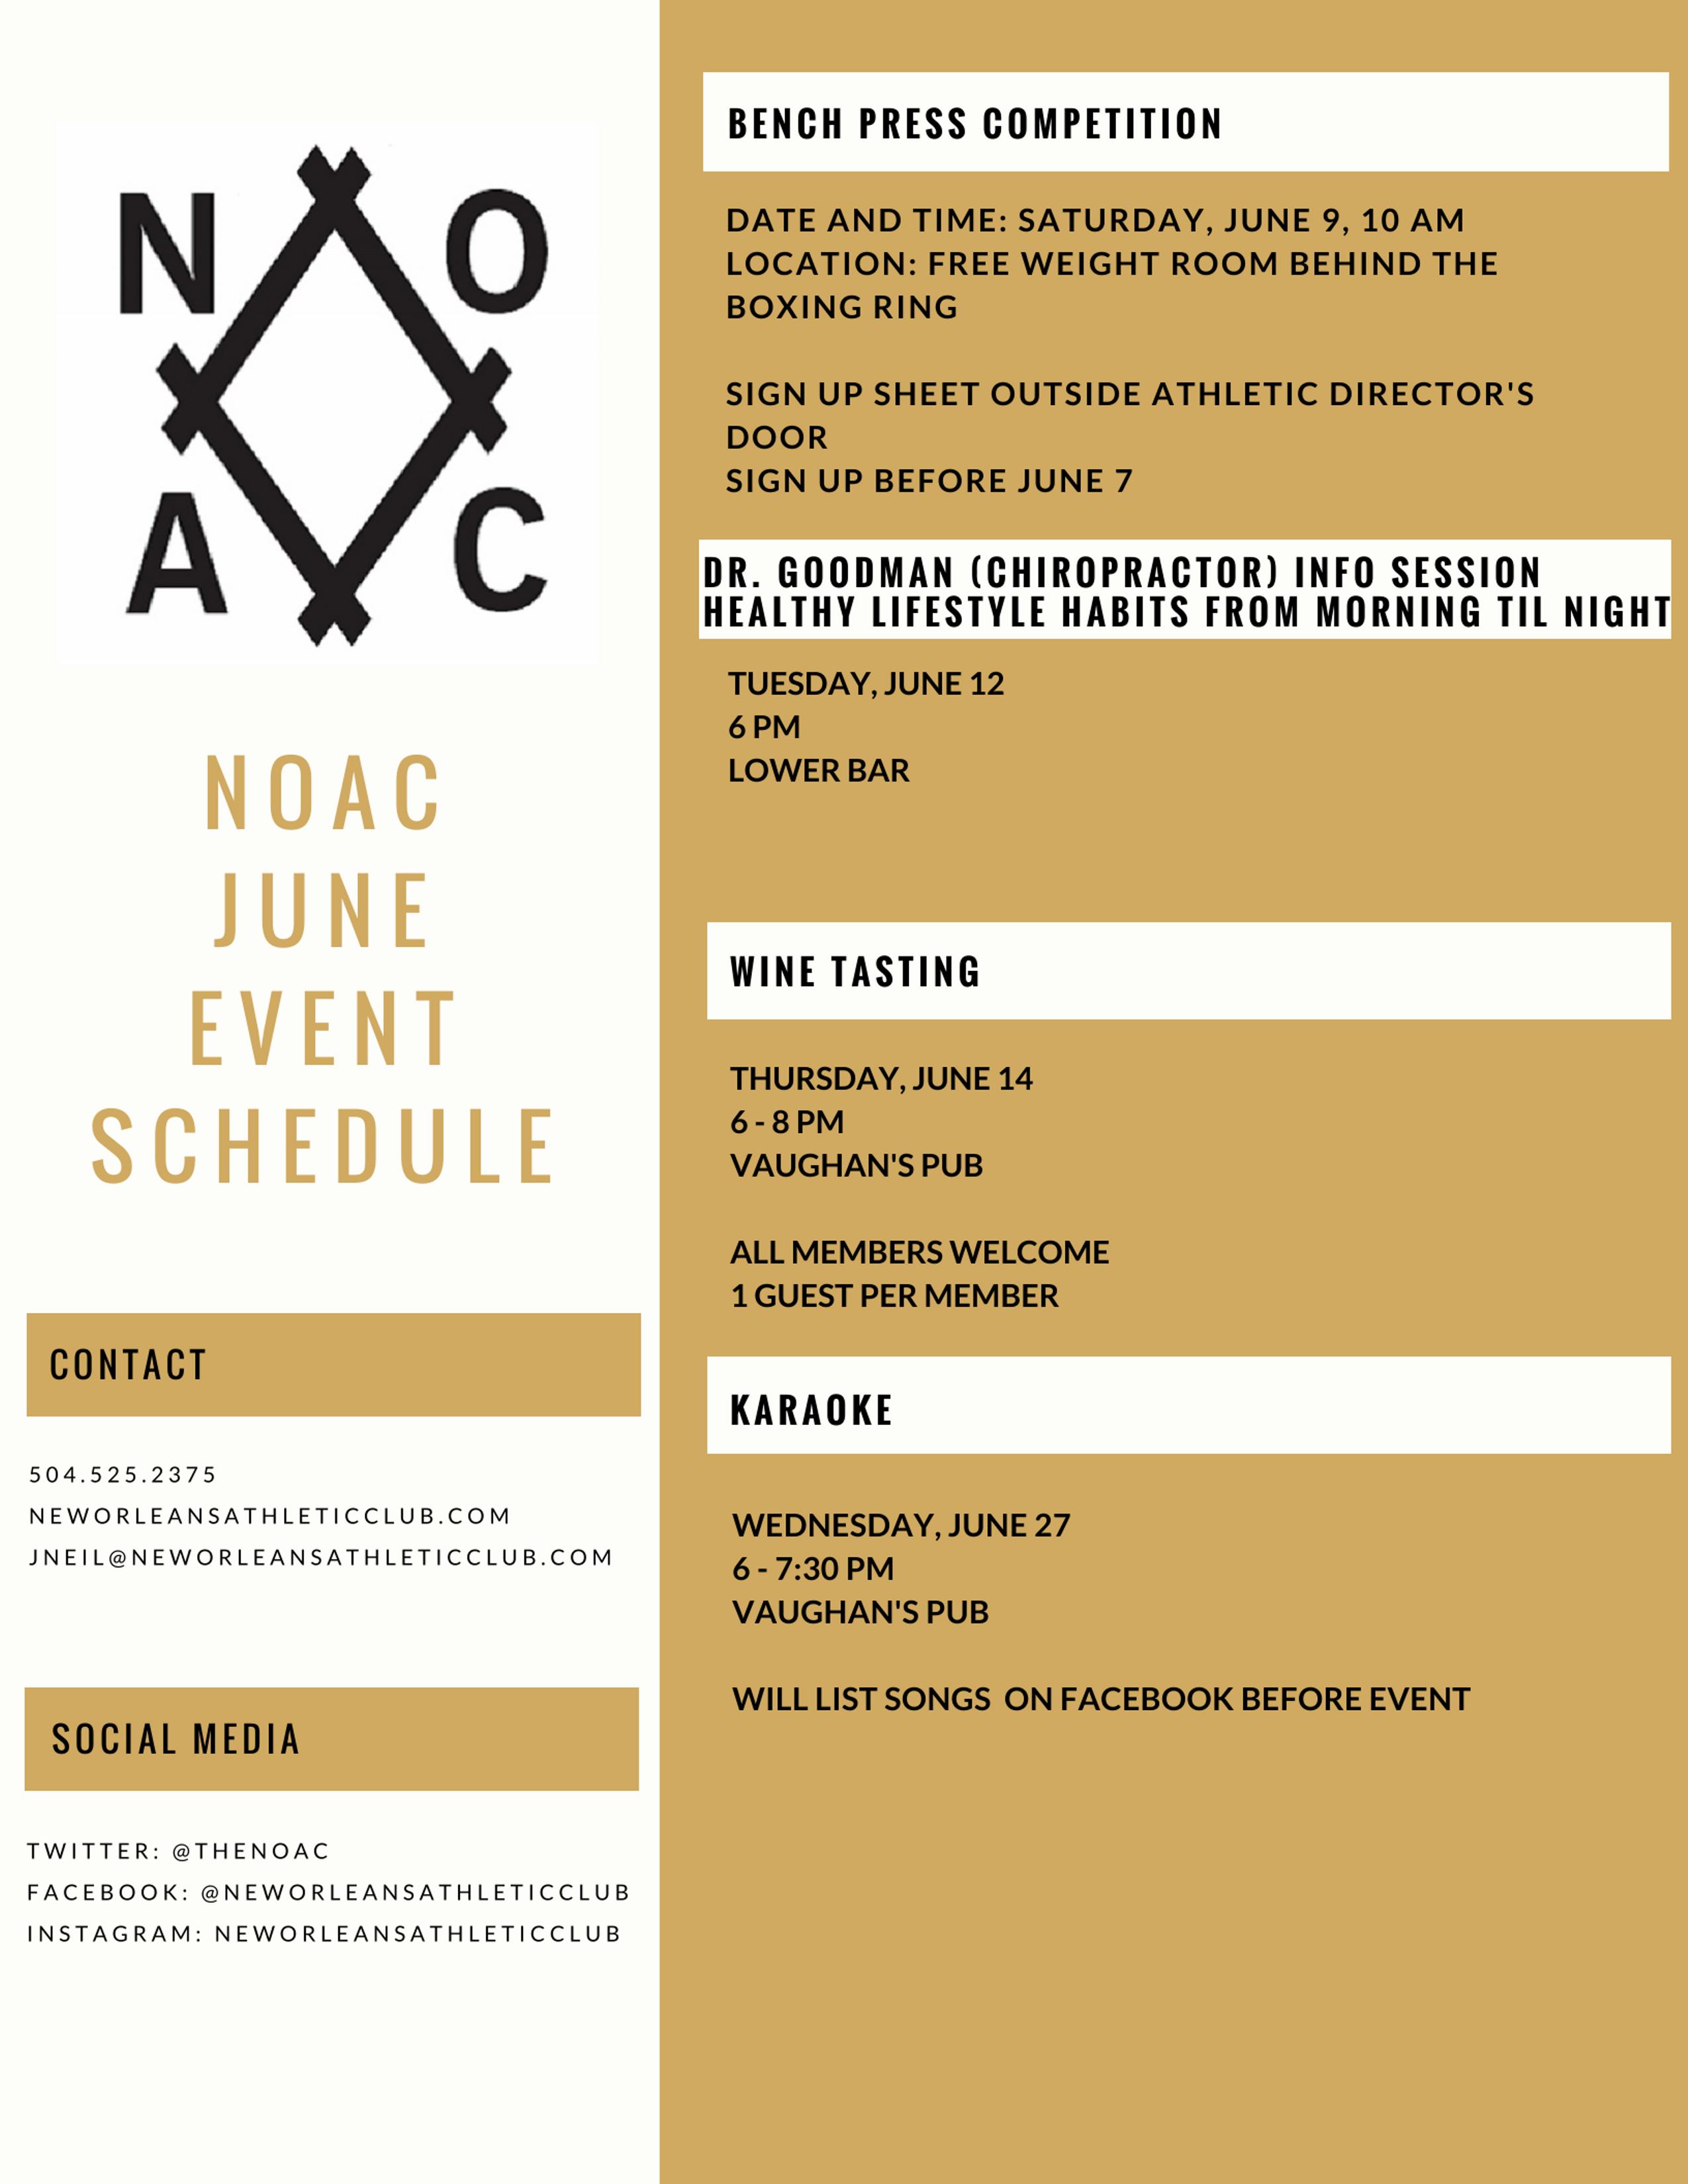 EventSchedule_June2018_ForWebsite